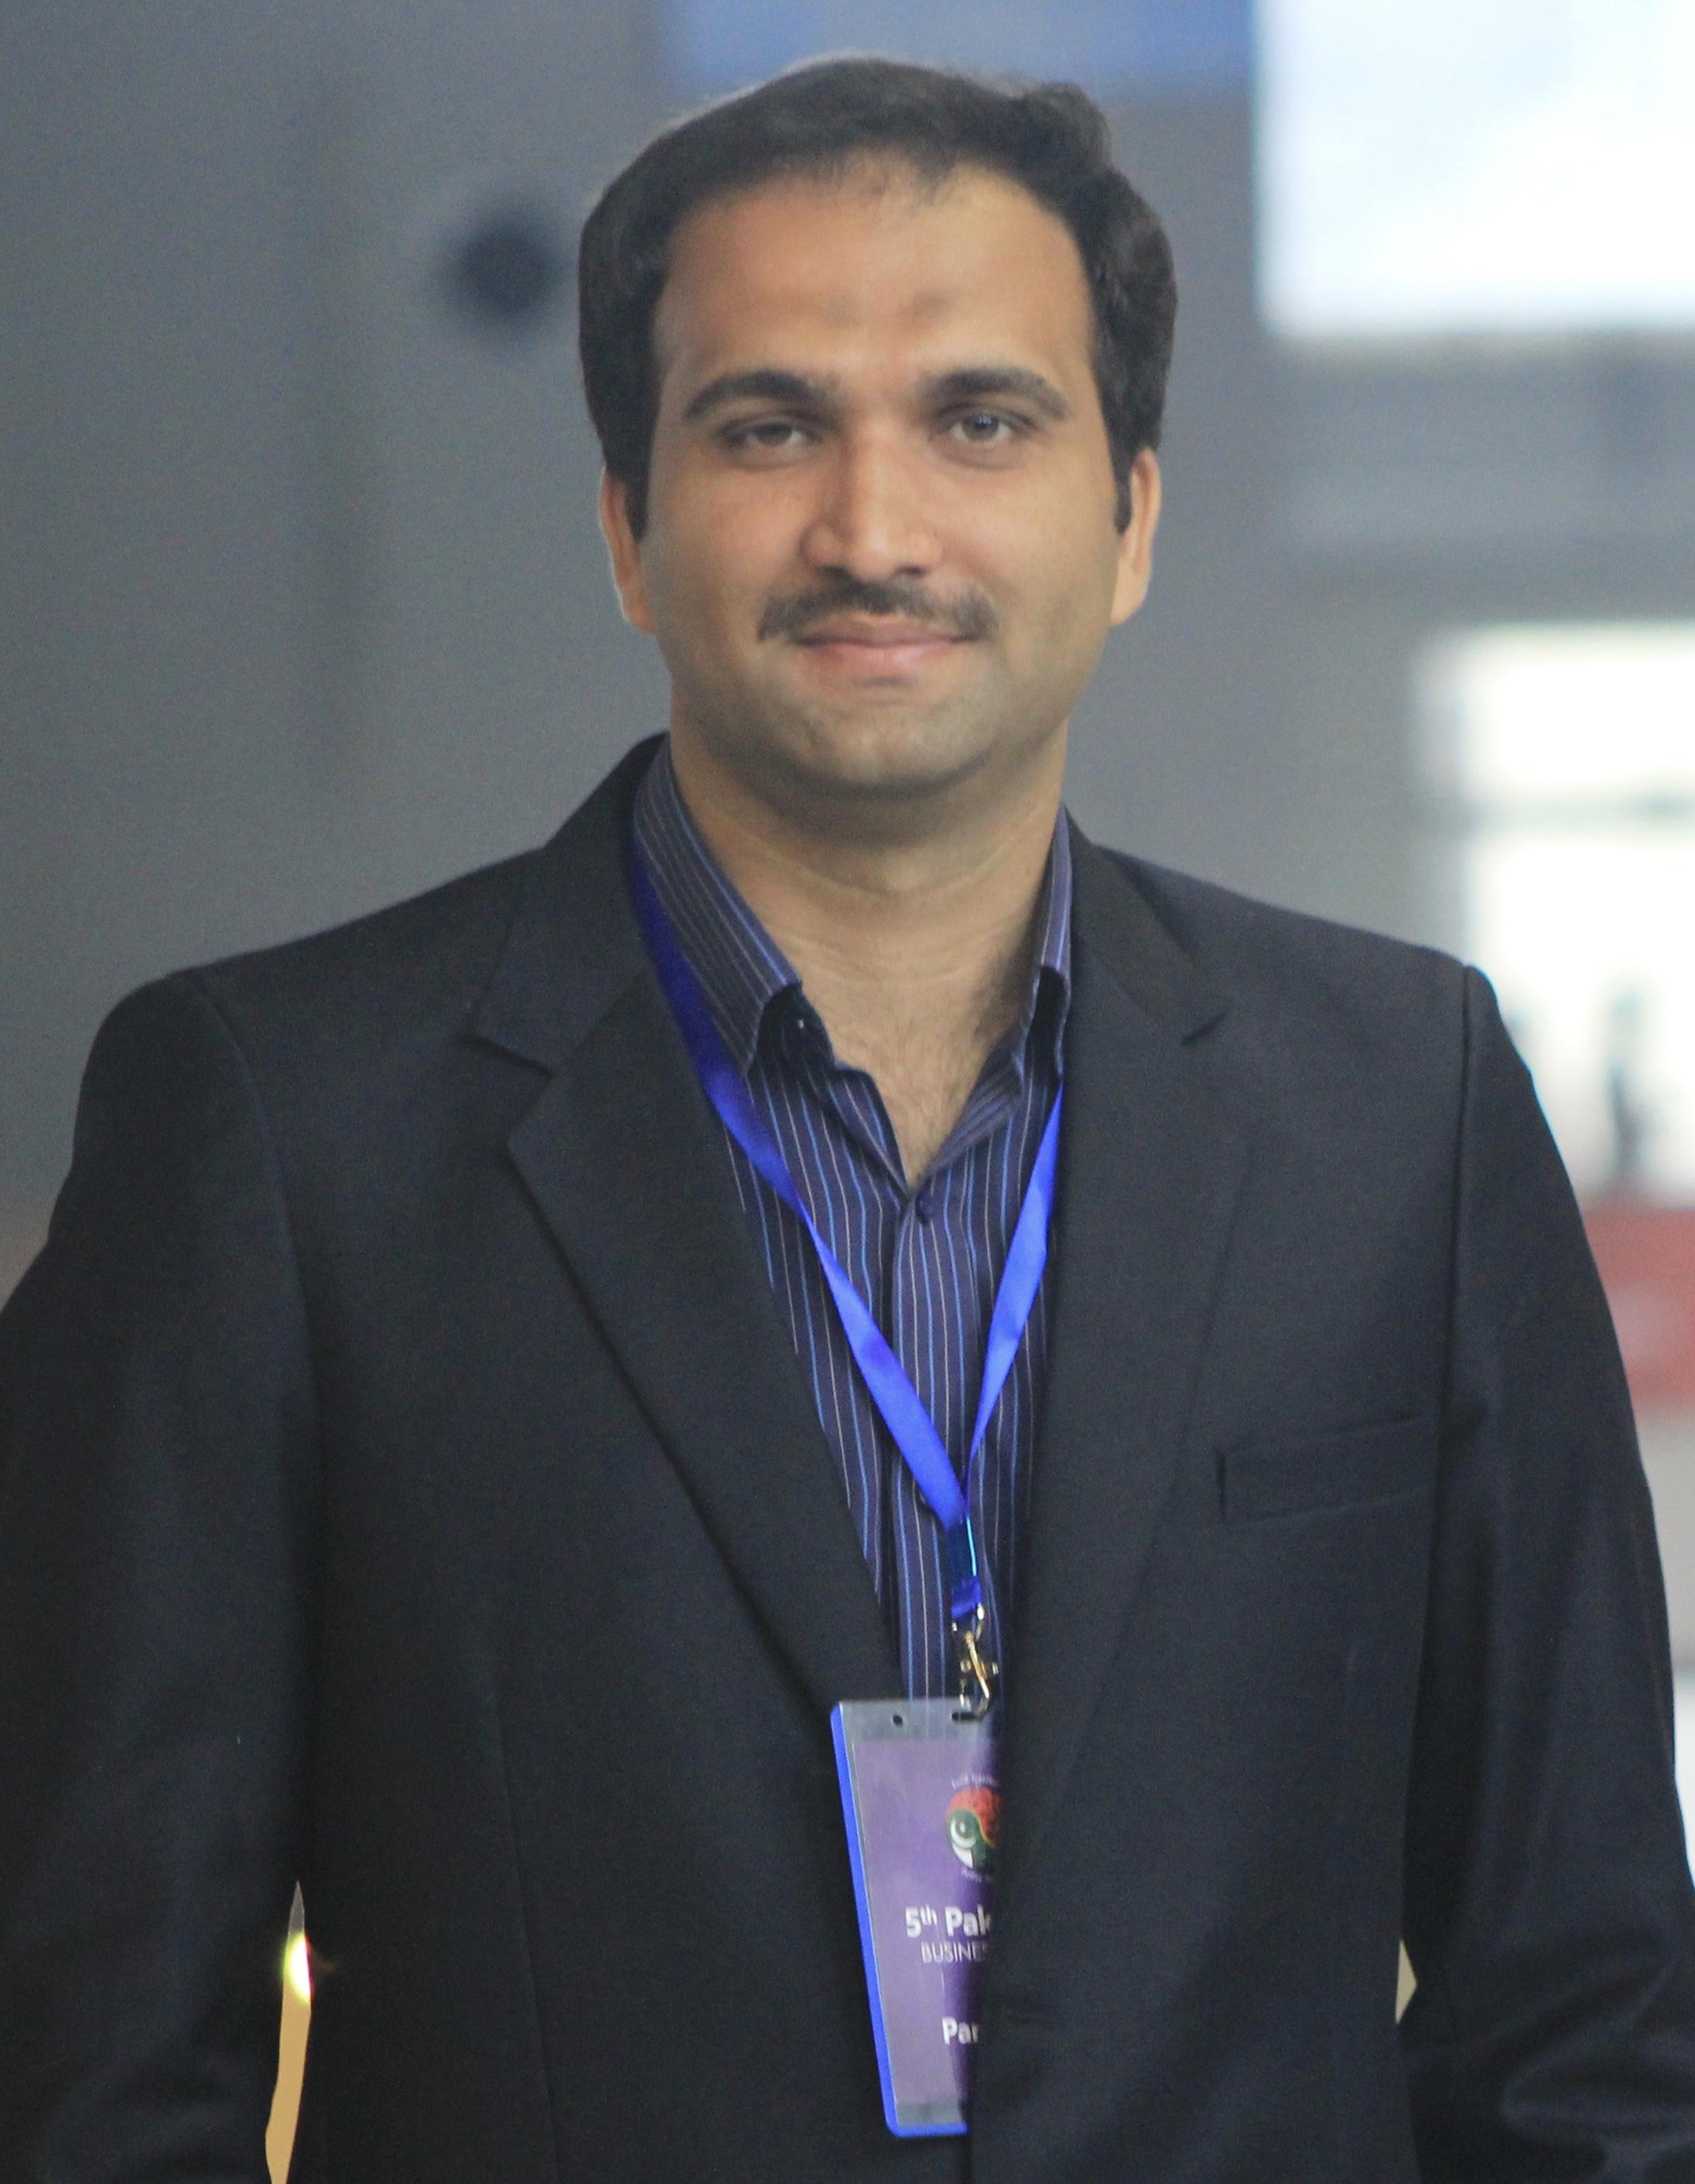 Inam Ullah Khan